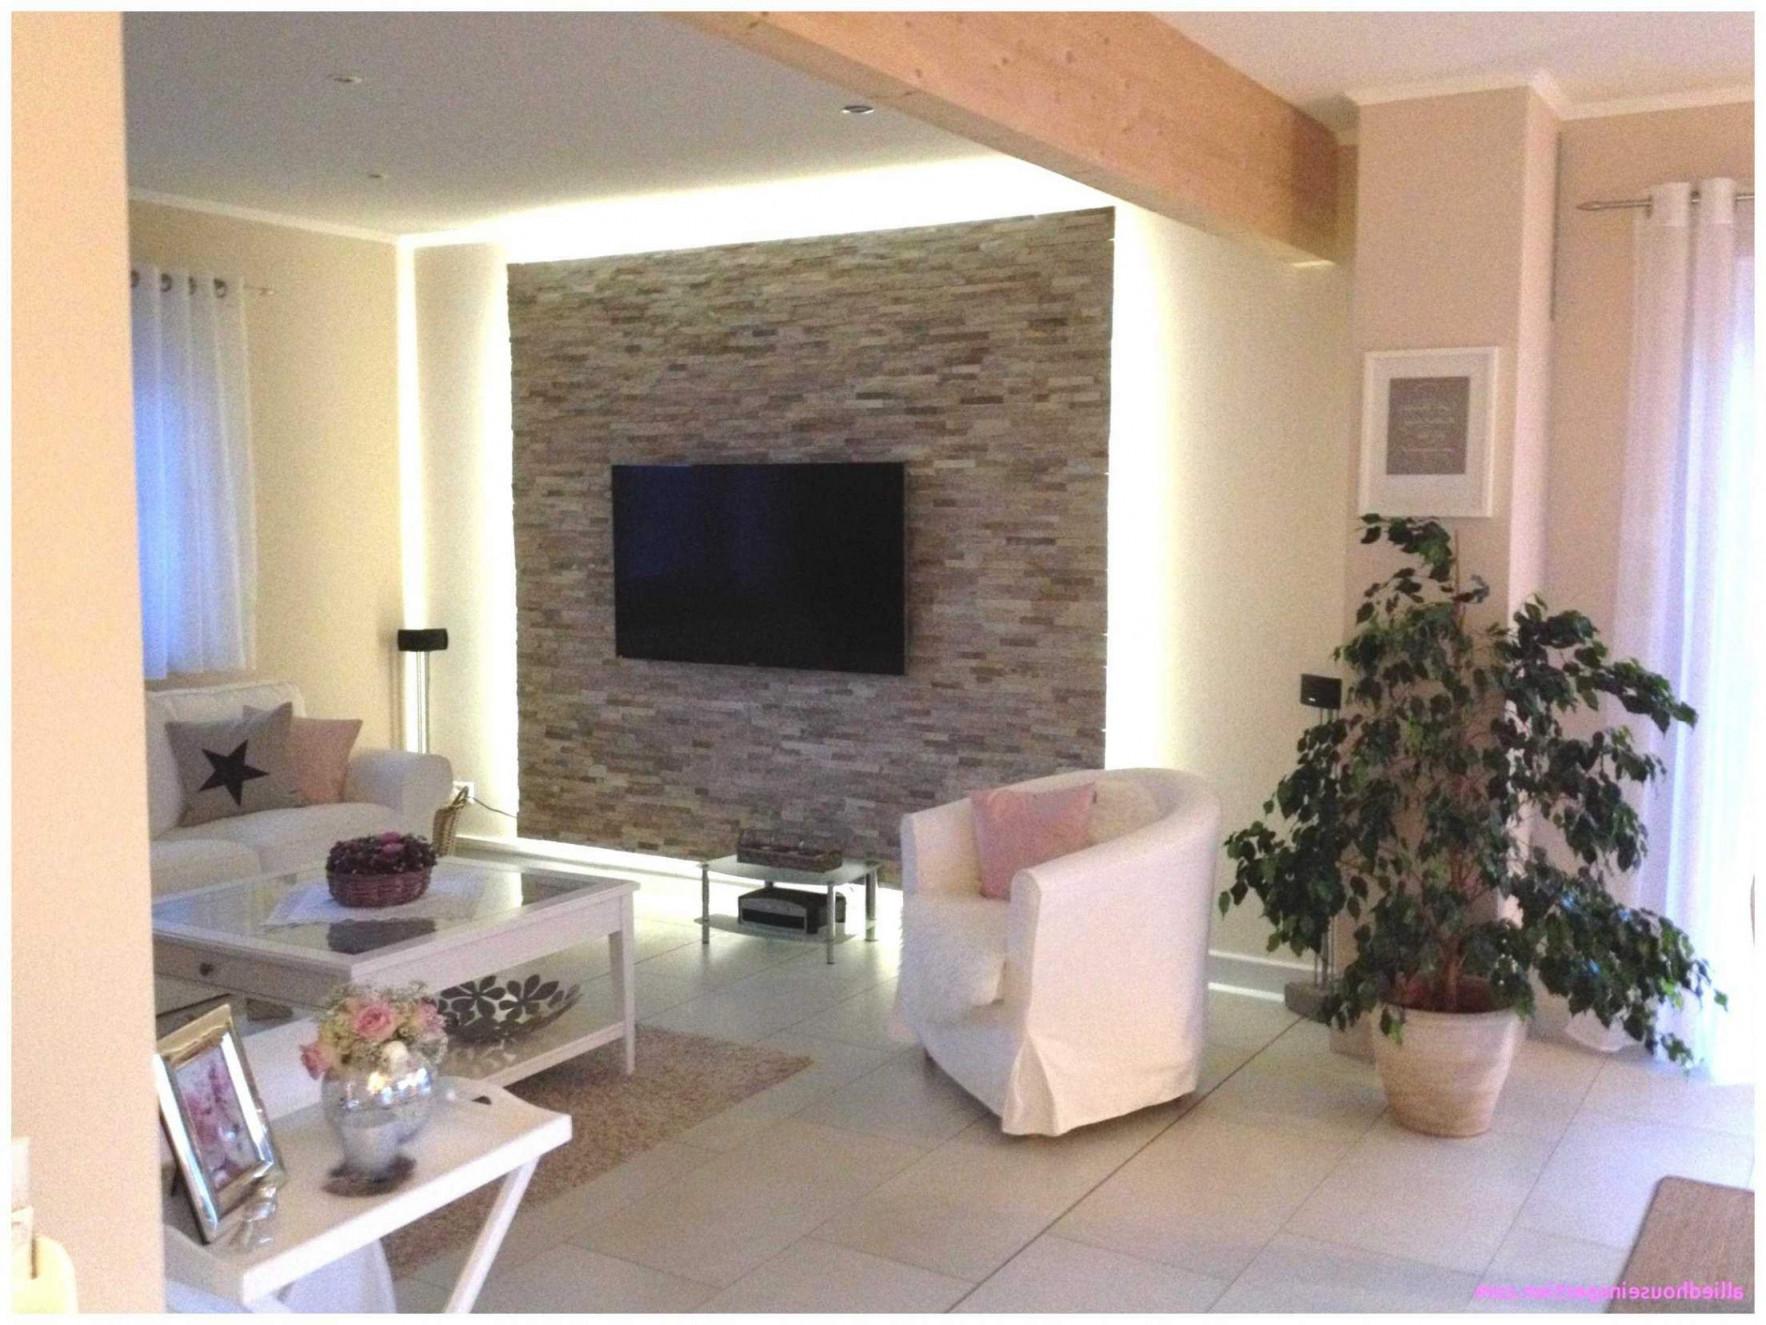 34 Genial 20 Qm Wohnzimmer Einrichten Elegant  Wohnzimmer von Wohnzimmer 20 Qm Einrichten Bild